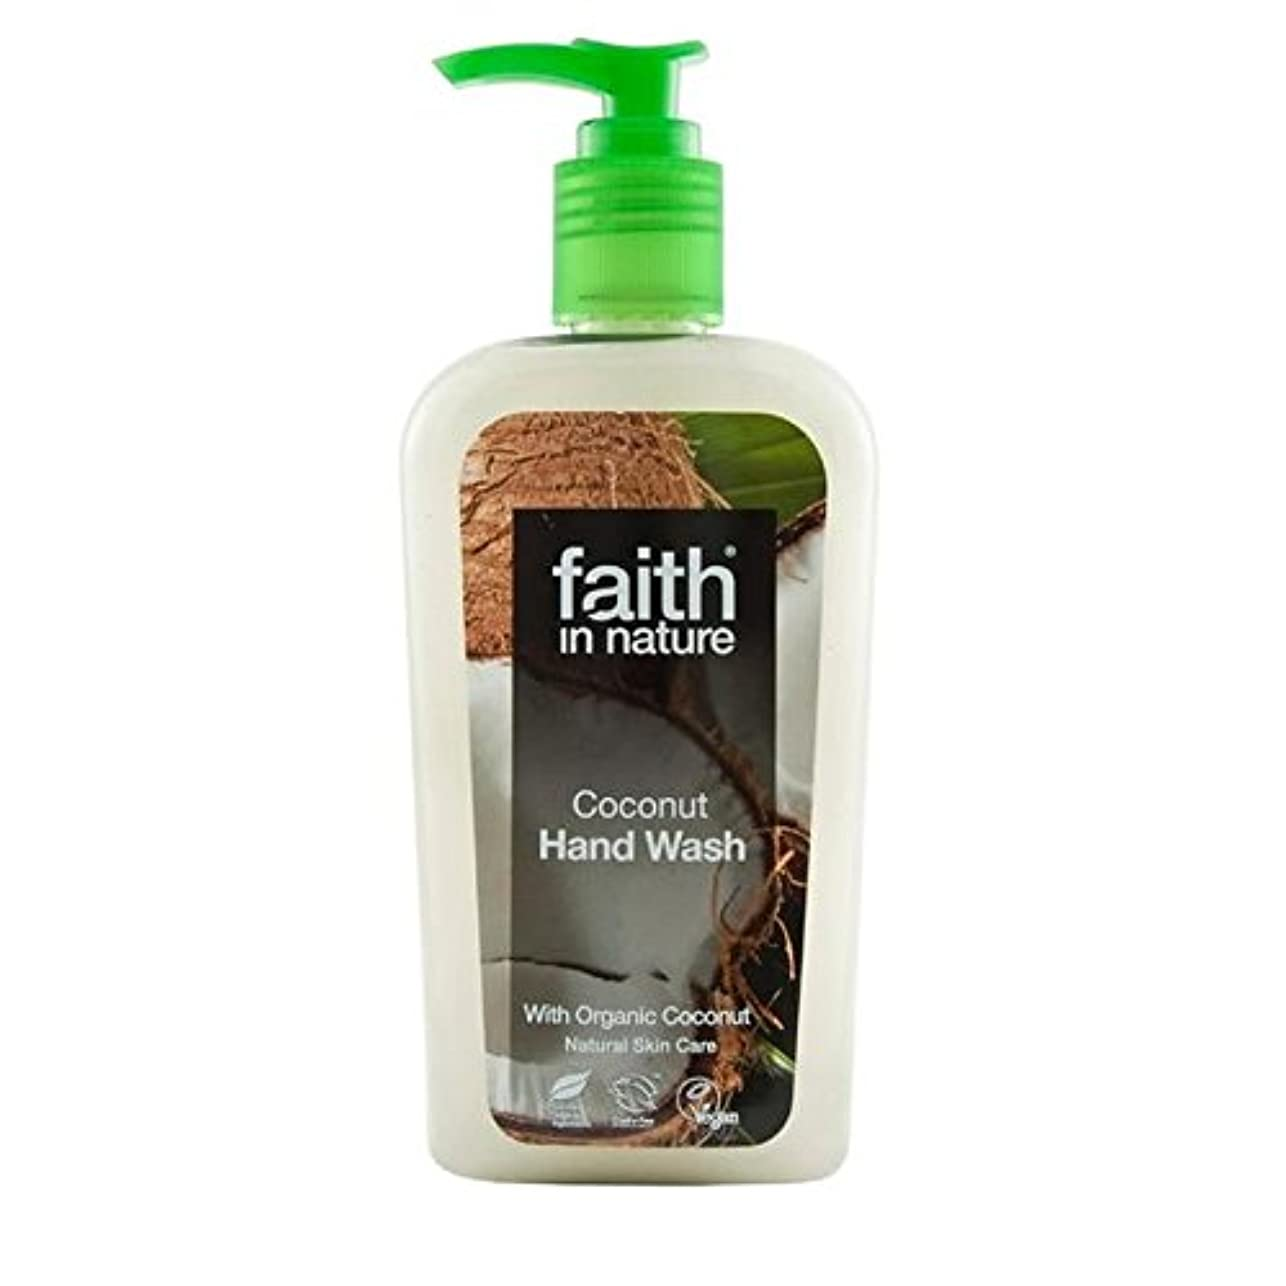 事スムーズに課すFaith in Nature Coconut Handwash 300ml (Pack of 6) - (Faith In Nature) 自然ココナッツ手洗いの300ミリリットルの信仰 (x6) [並行輸入品]